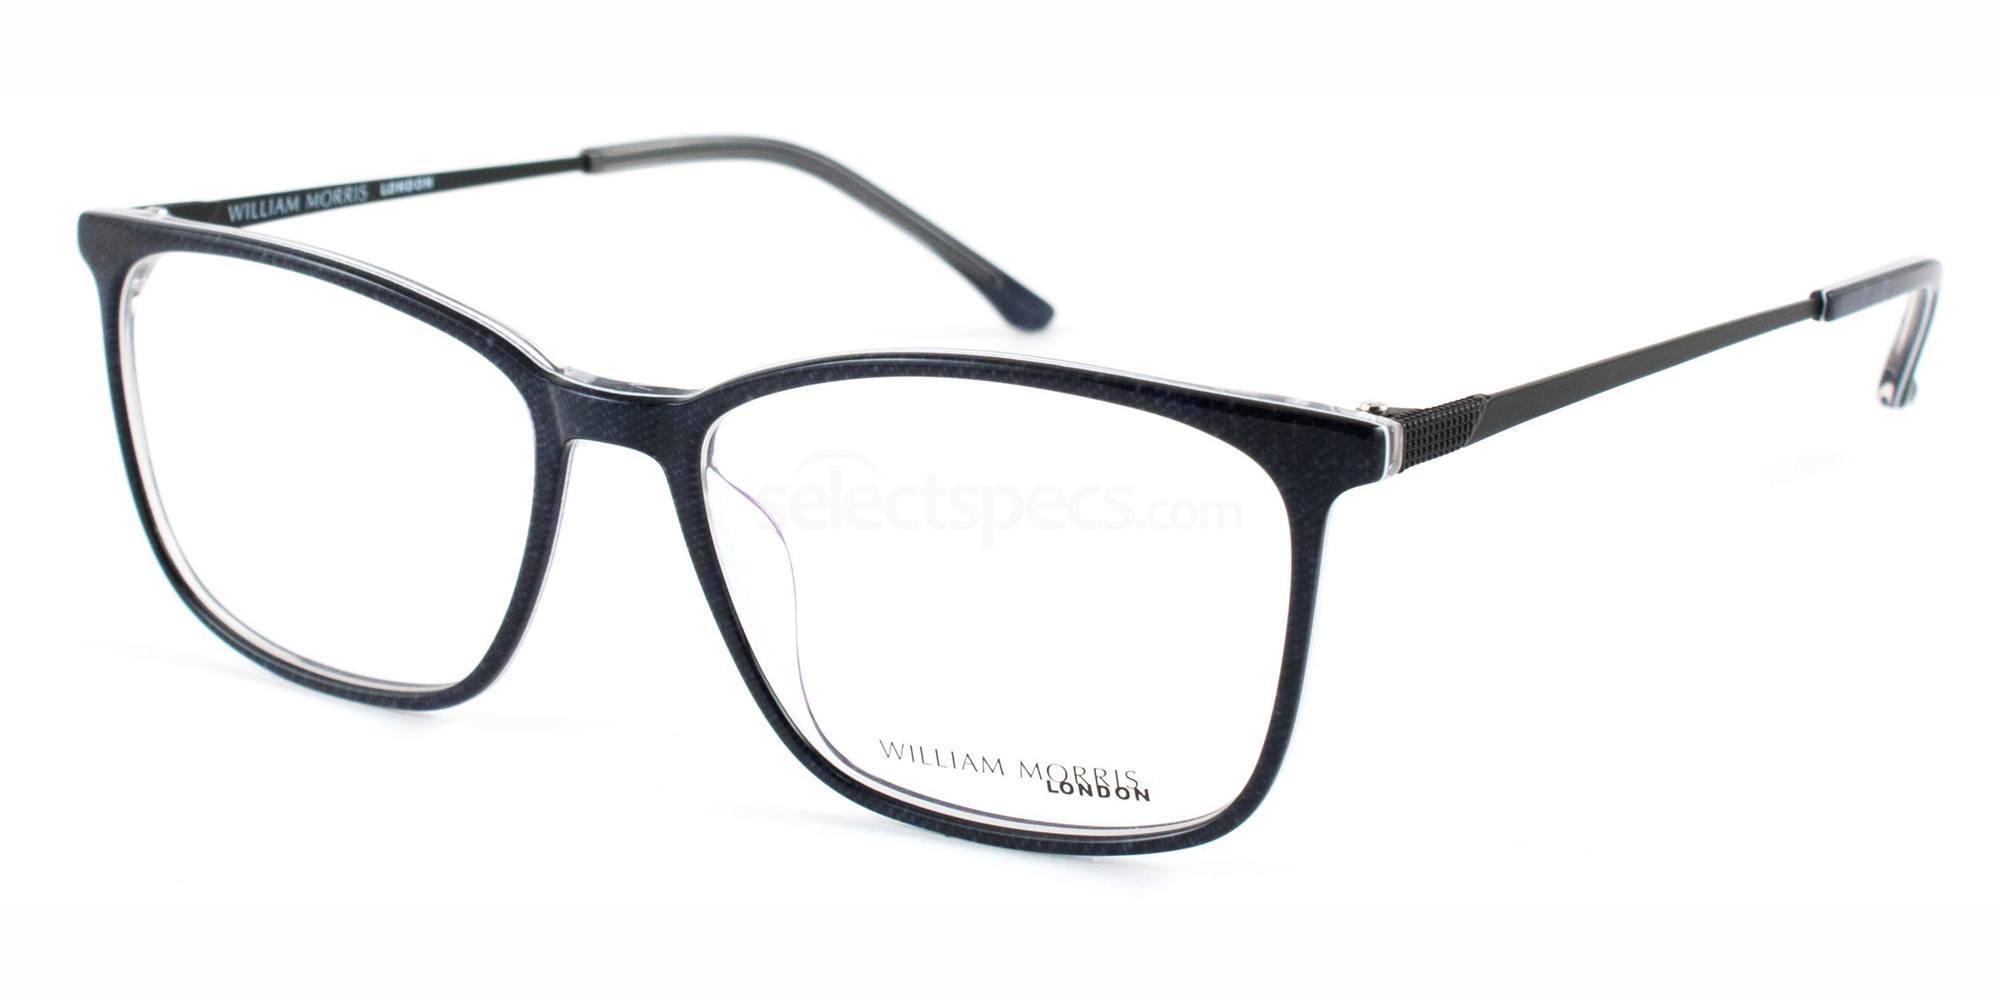 C1 WL4802 Glasses, William Morris London